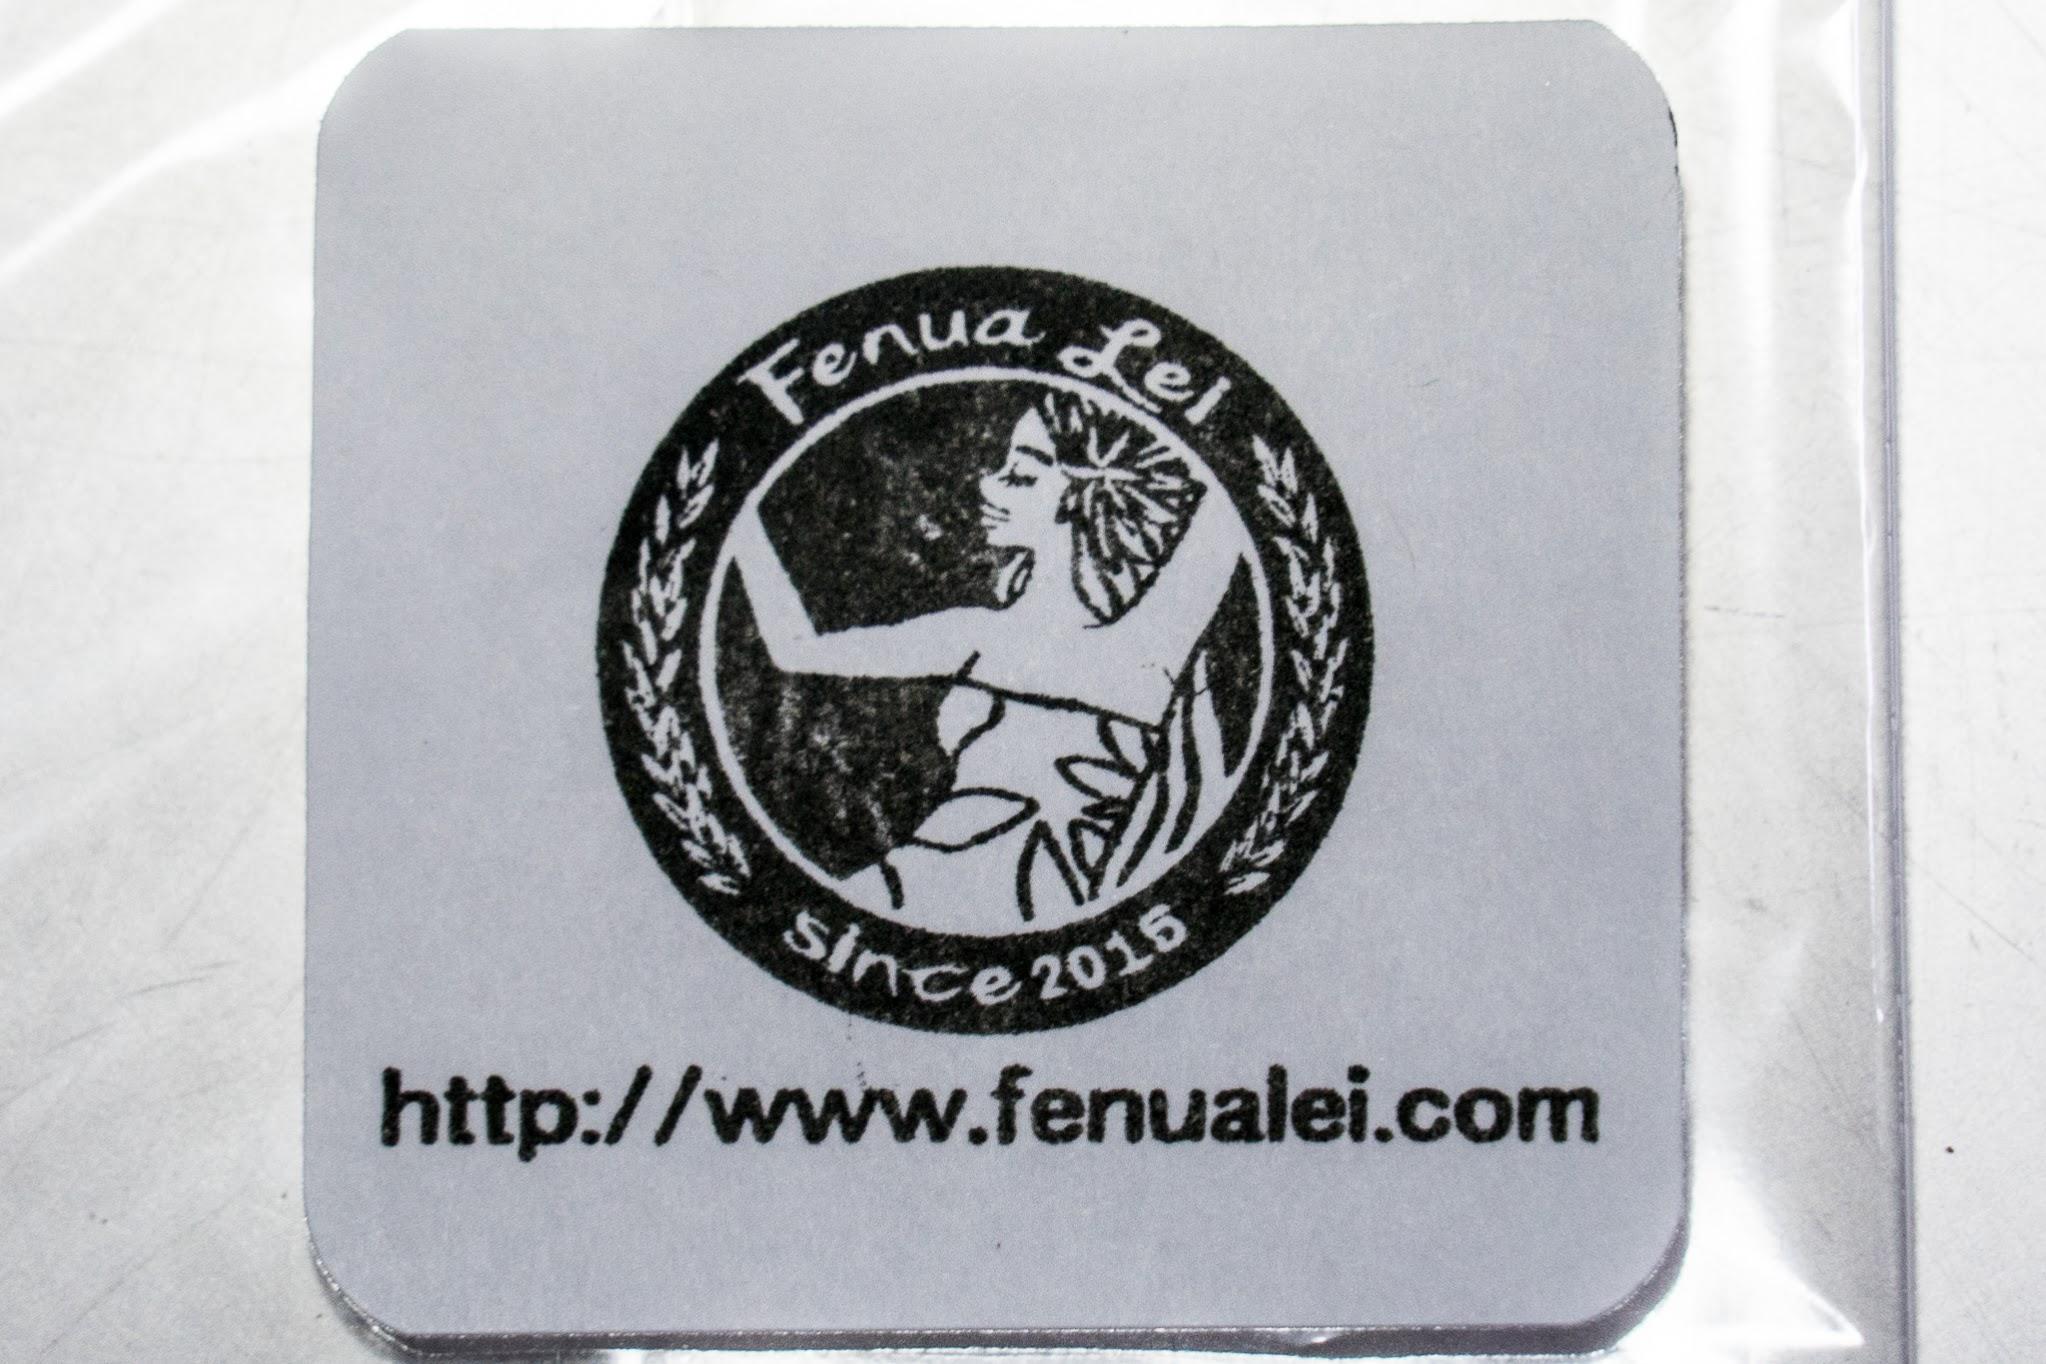 マイティー・スーのオリジナルの FenuaLei(株)社のロゴ